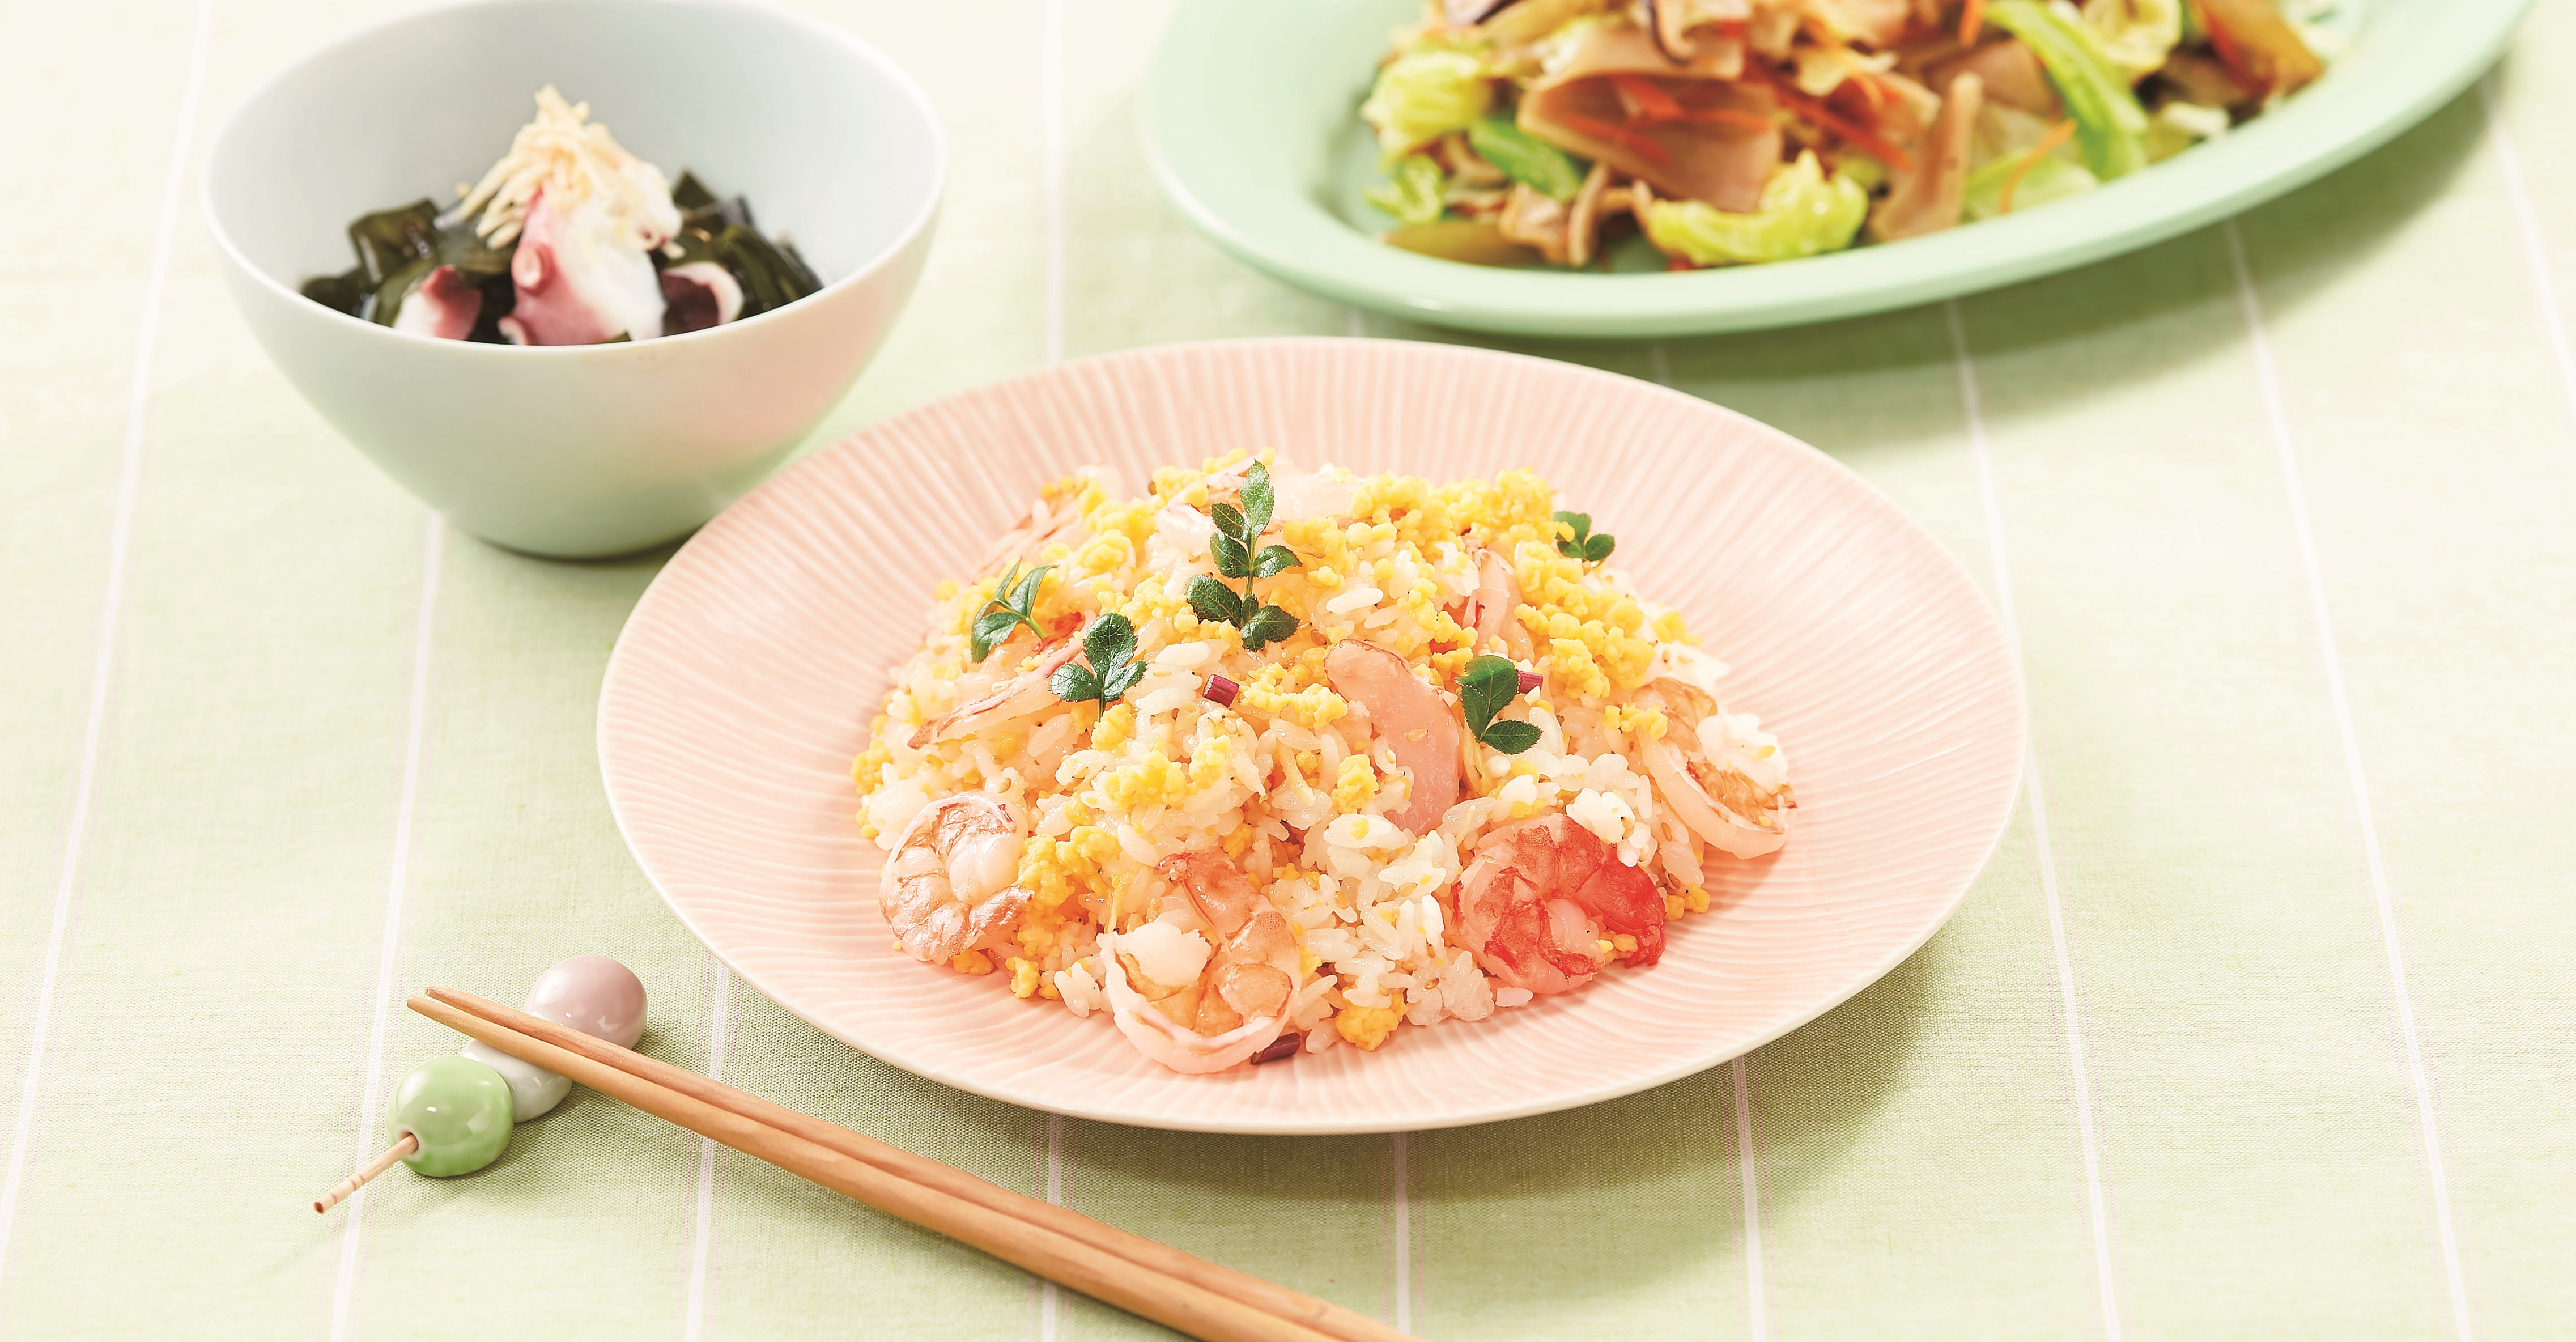 野菜たっぷり薬膳常備菜とそのアレンジレシピ3選一覧画像